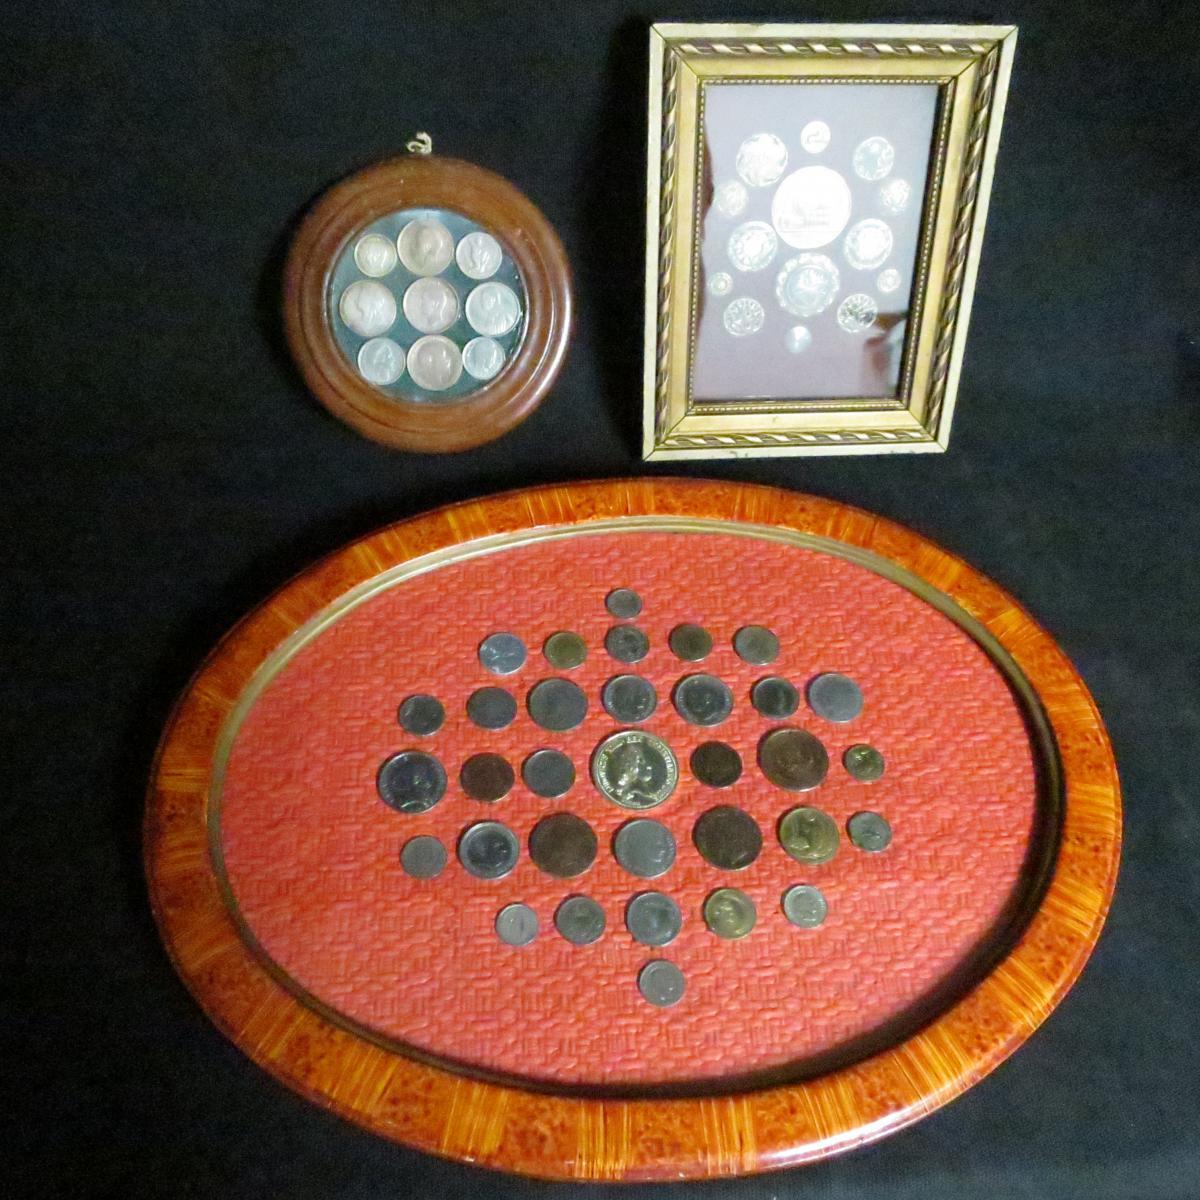 3 encadrements / tableaux de pièces de monnaie et boutons anciens curiosité de pieces